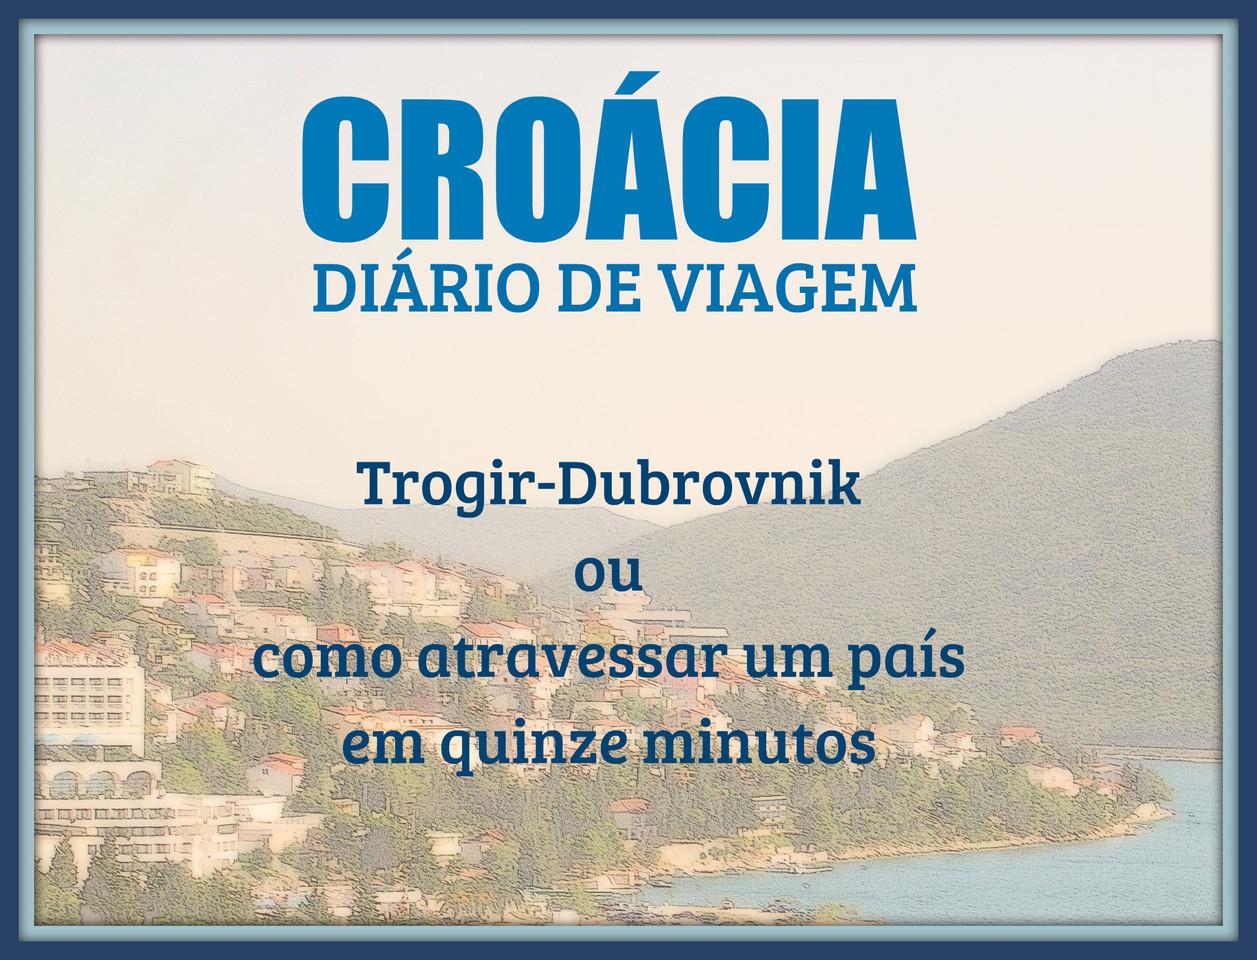 Croácia diário de viagem XI.jpg